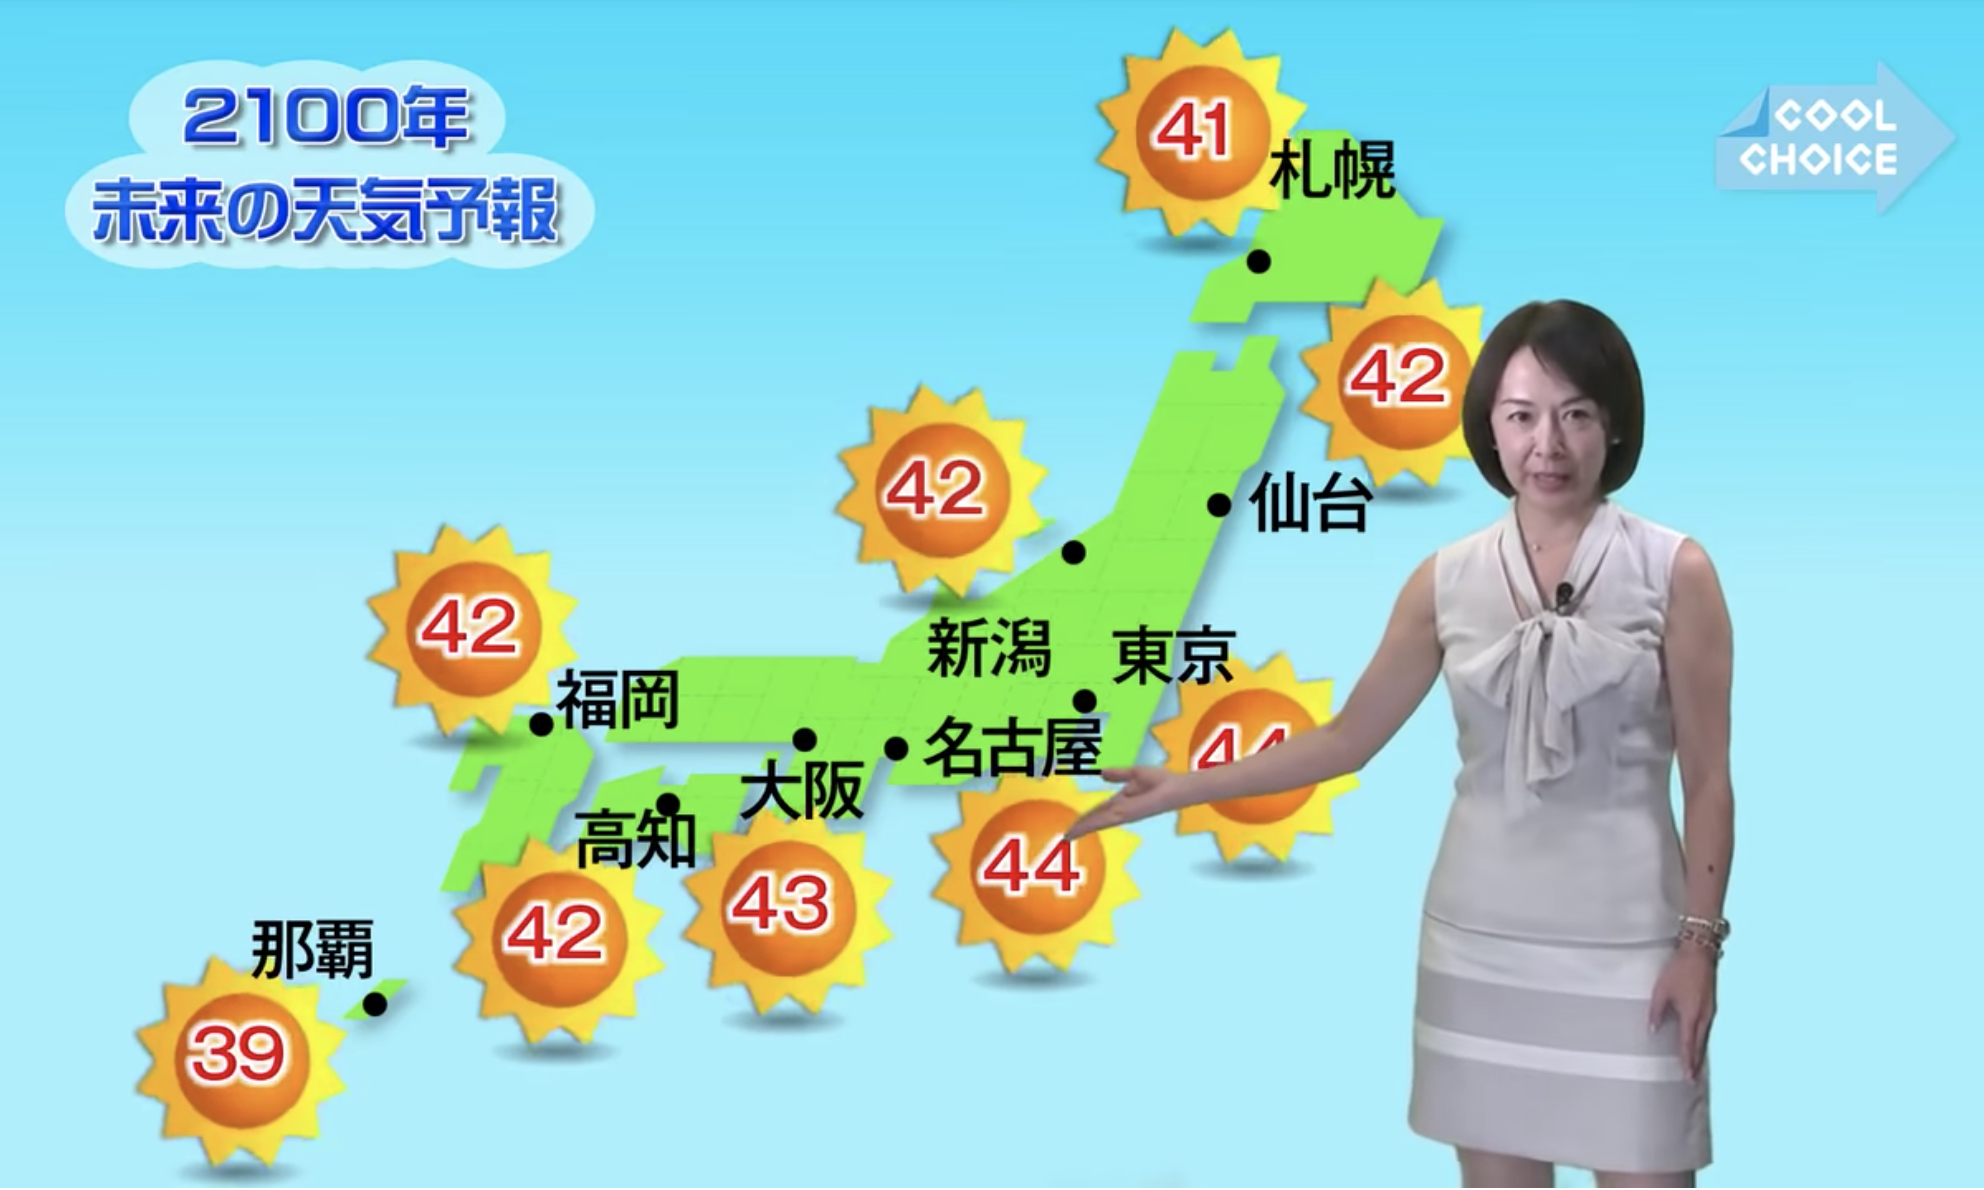 天気 予報 気温